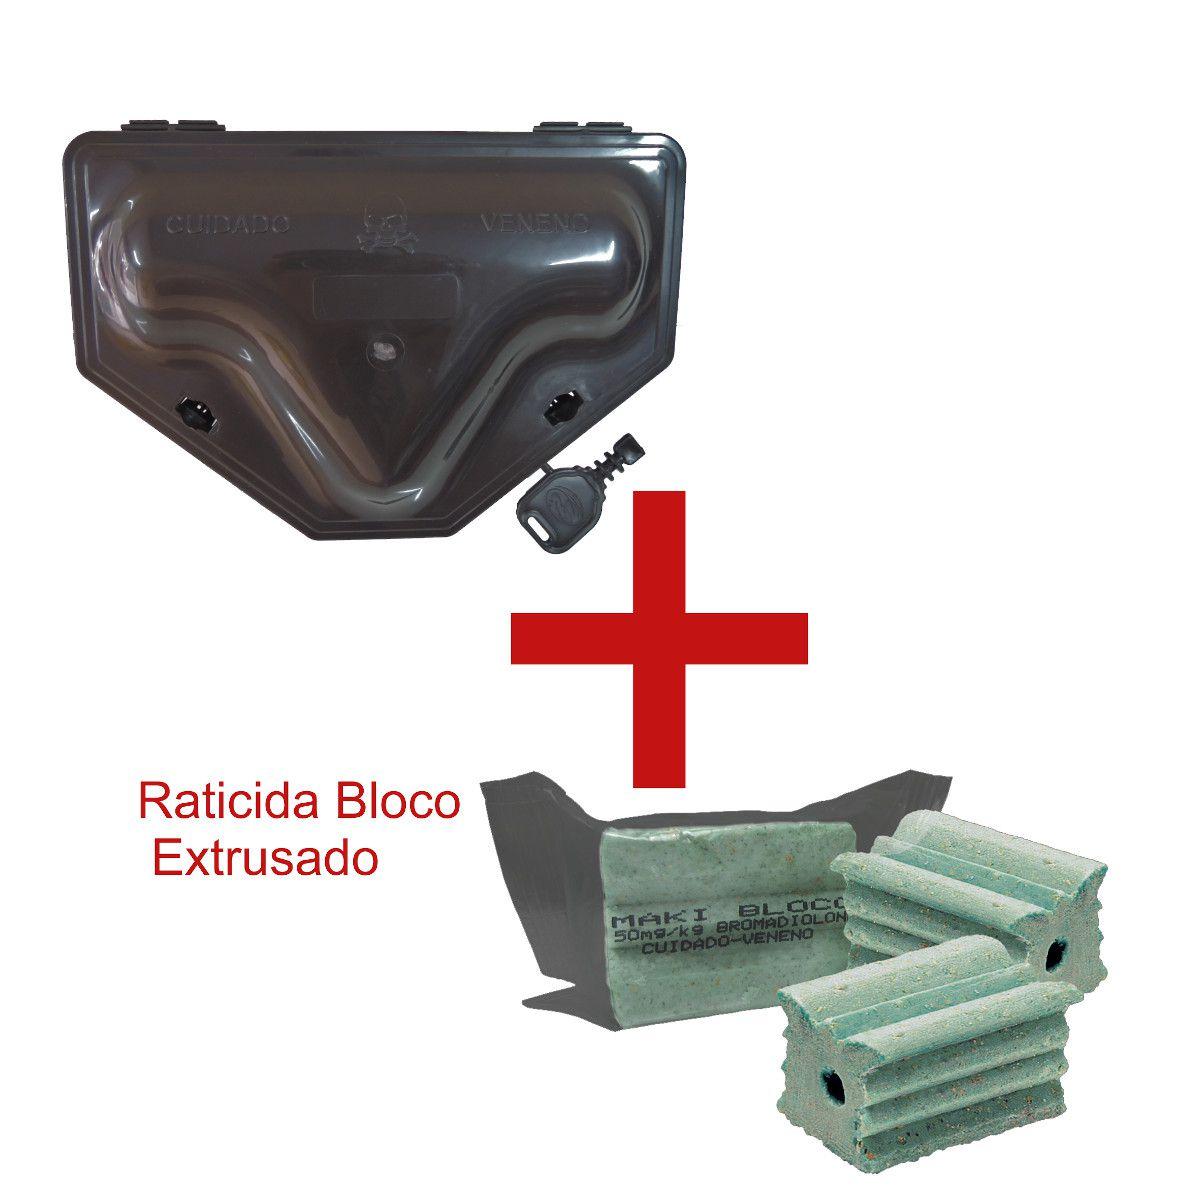 62 Porta Iscas C/ TRAVAMENTO DUPLO + 62 Blocos Extrusado